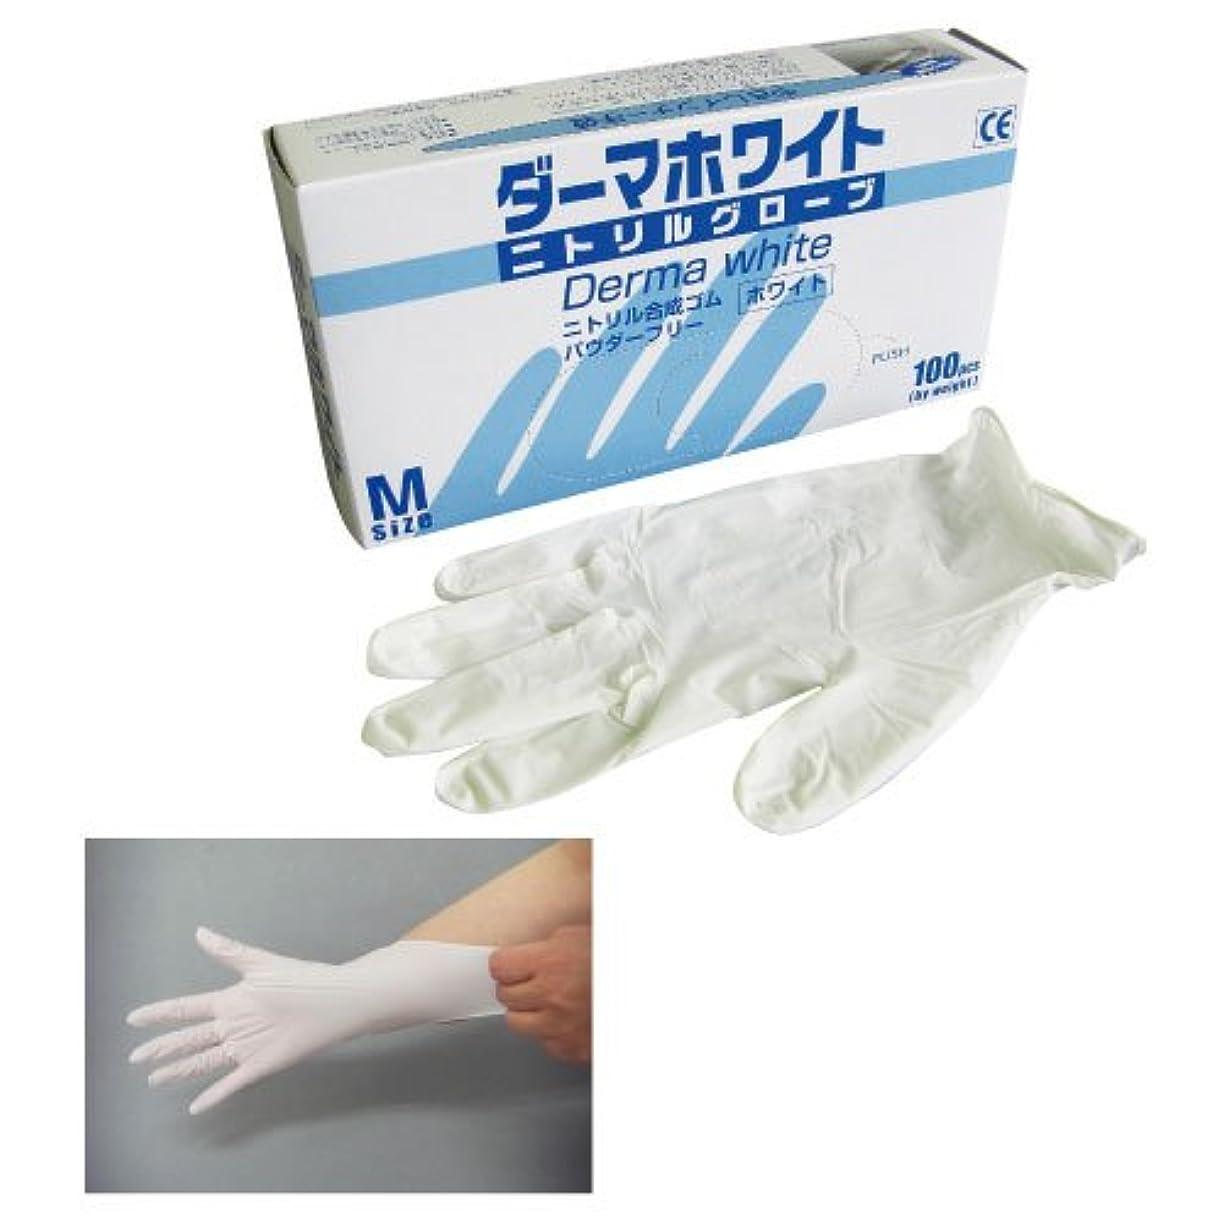 トンネル加害者敏感なダーマホワイト ニトリル手袋PF ?????????????????PF(23-3770-01)GN01(S)100??